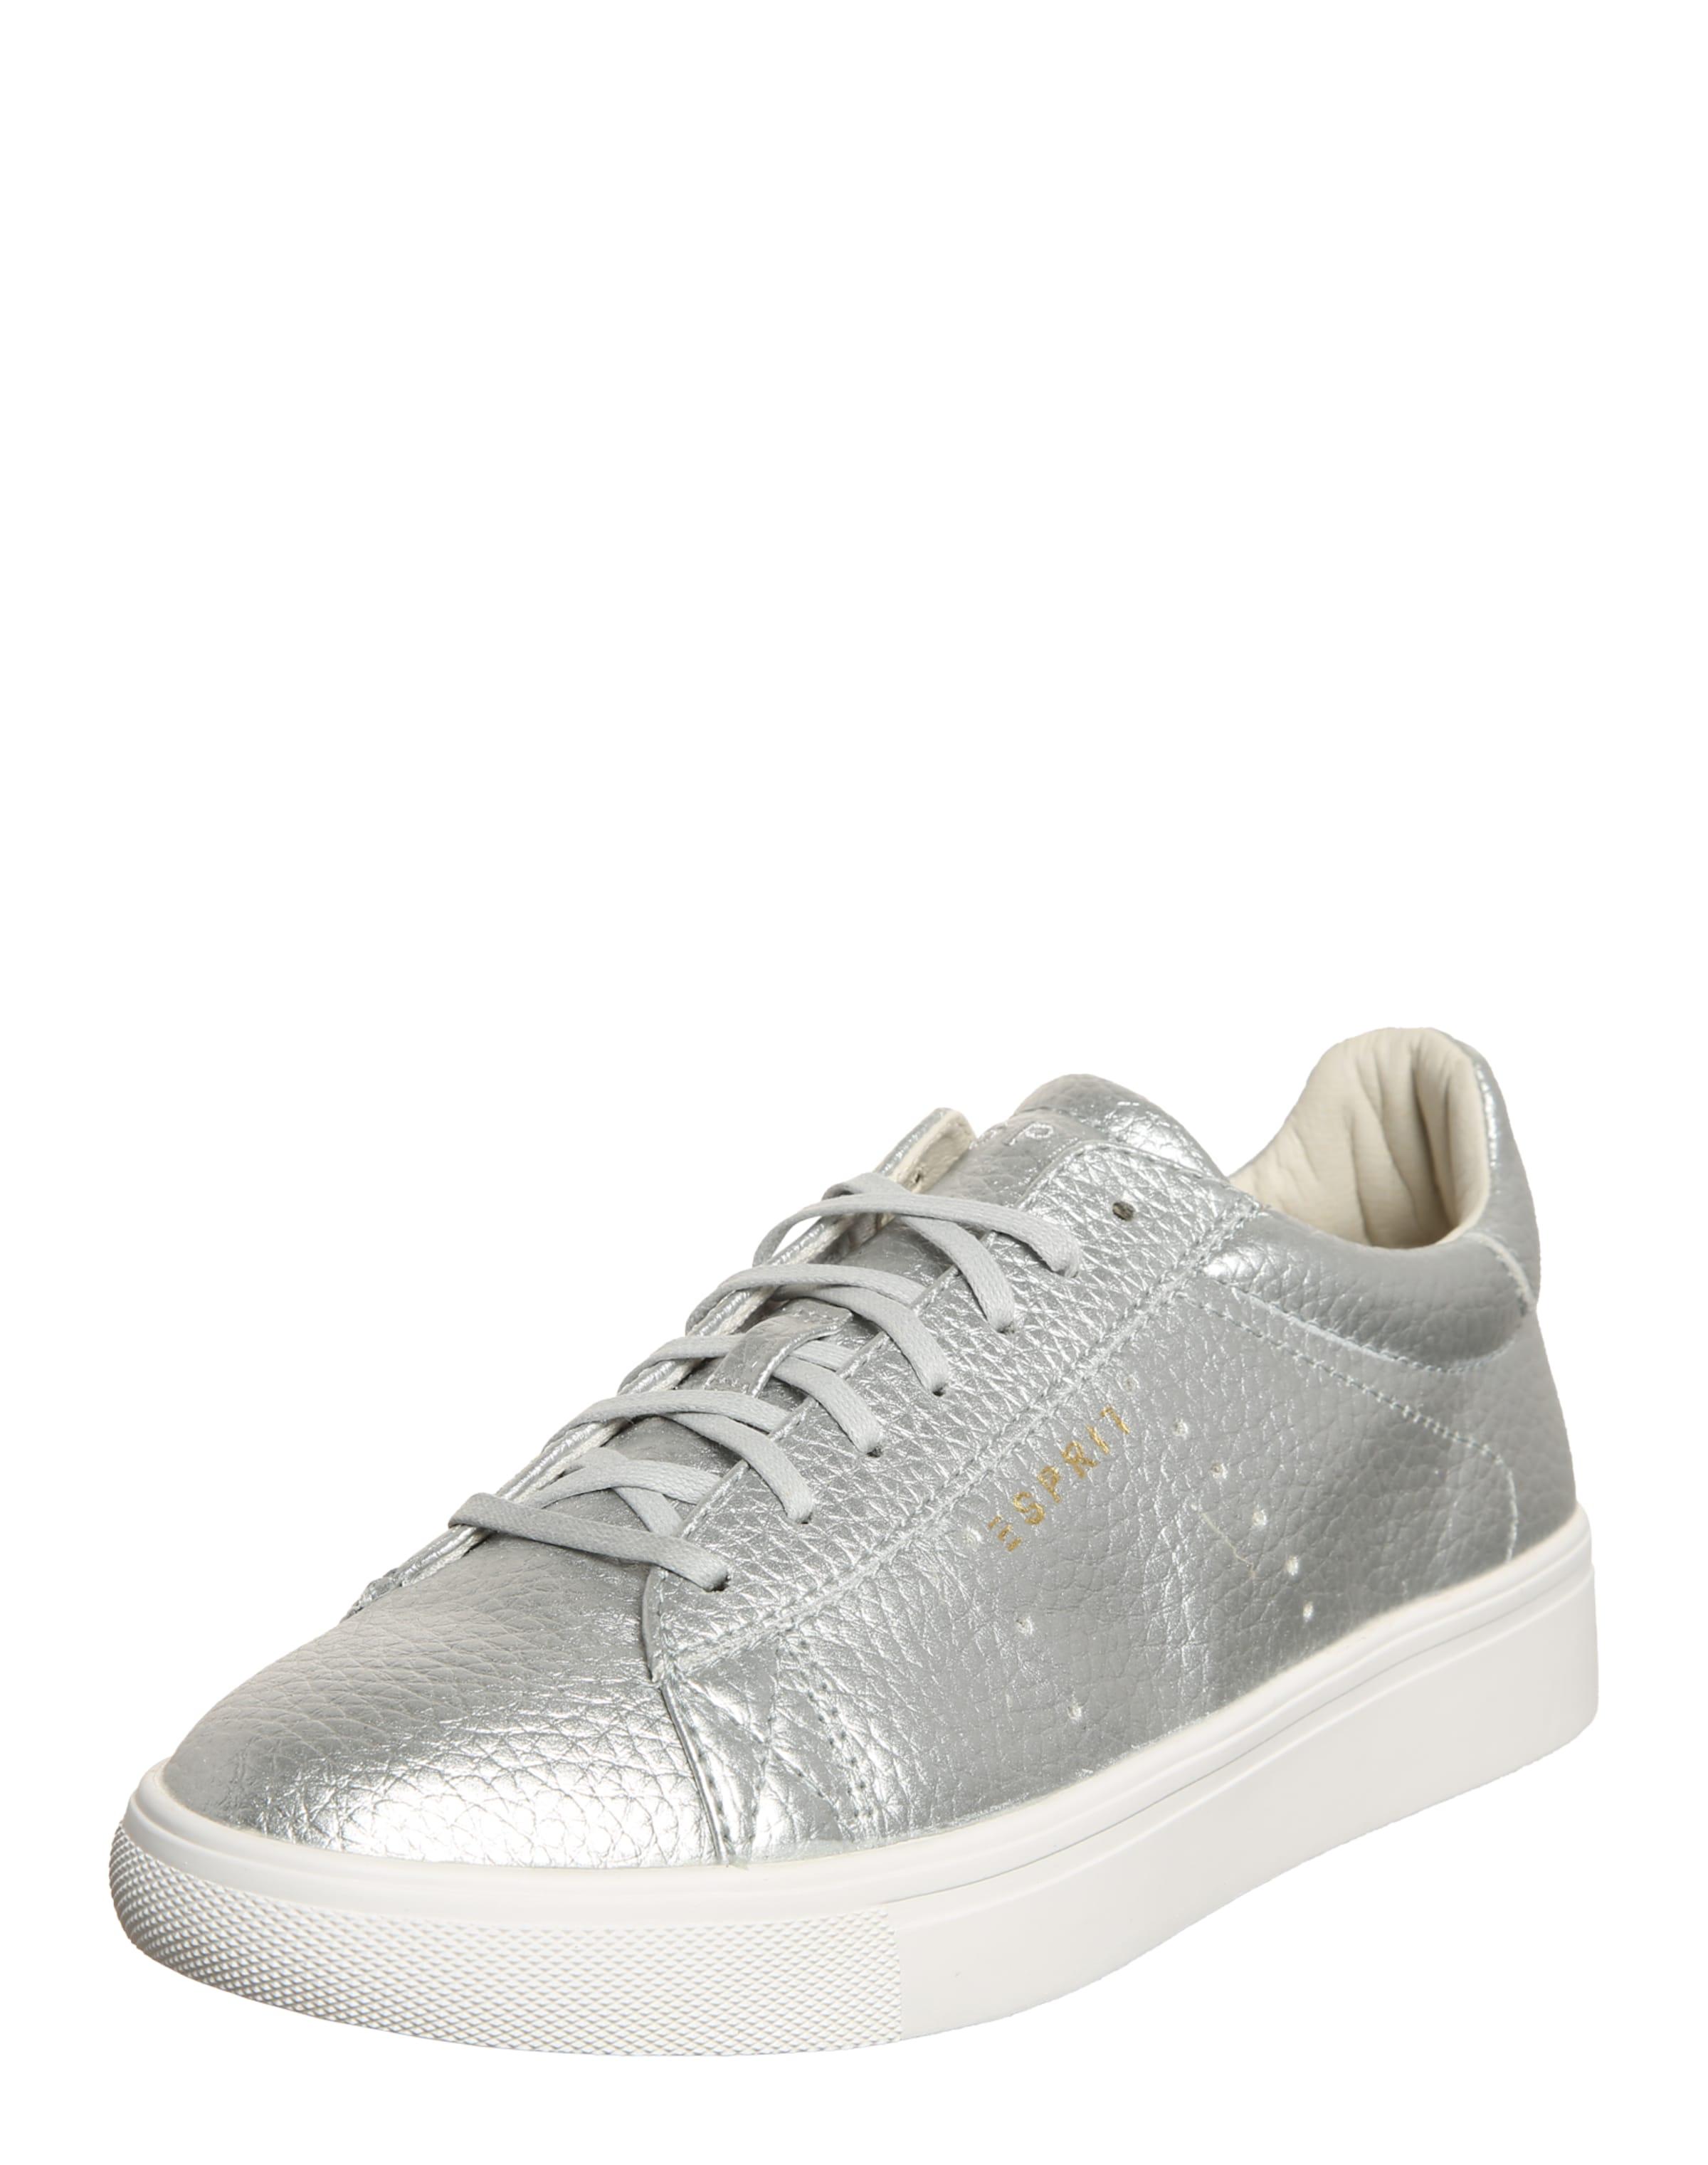 ESPRIT Sneaker 'Lizette' Billig Verkauf Blick Sammlungen Günstig Online Freies Verschiffen Aus Deutschland Modestil Billig Rabatt Verkauf Mgnc9G